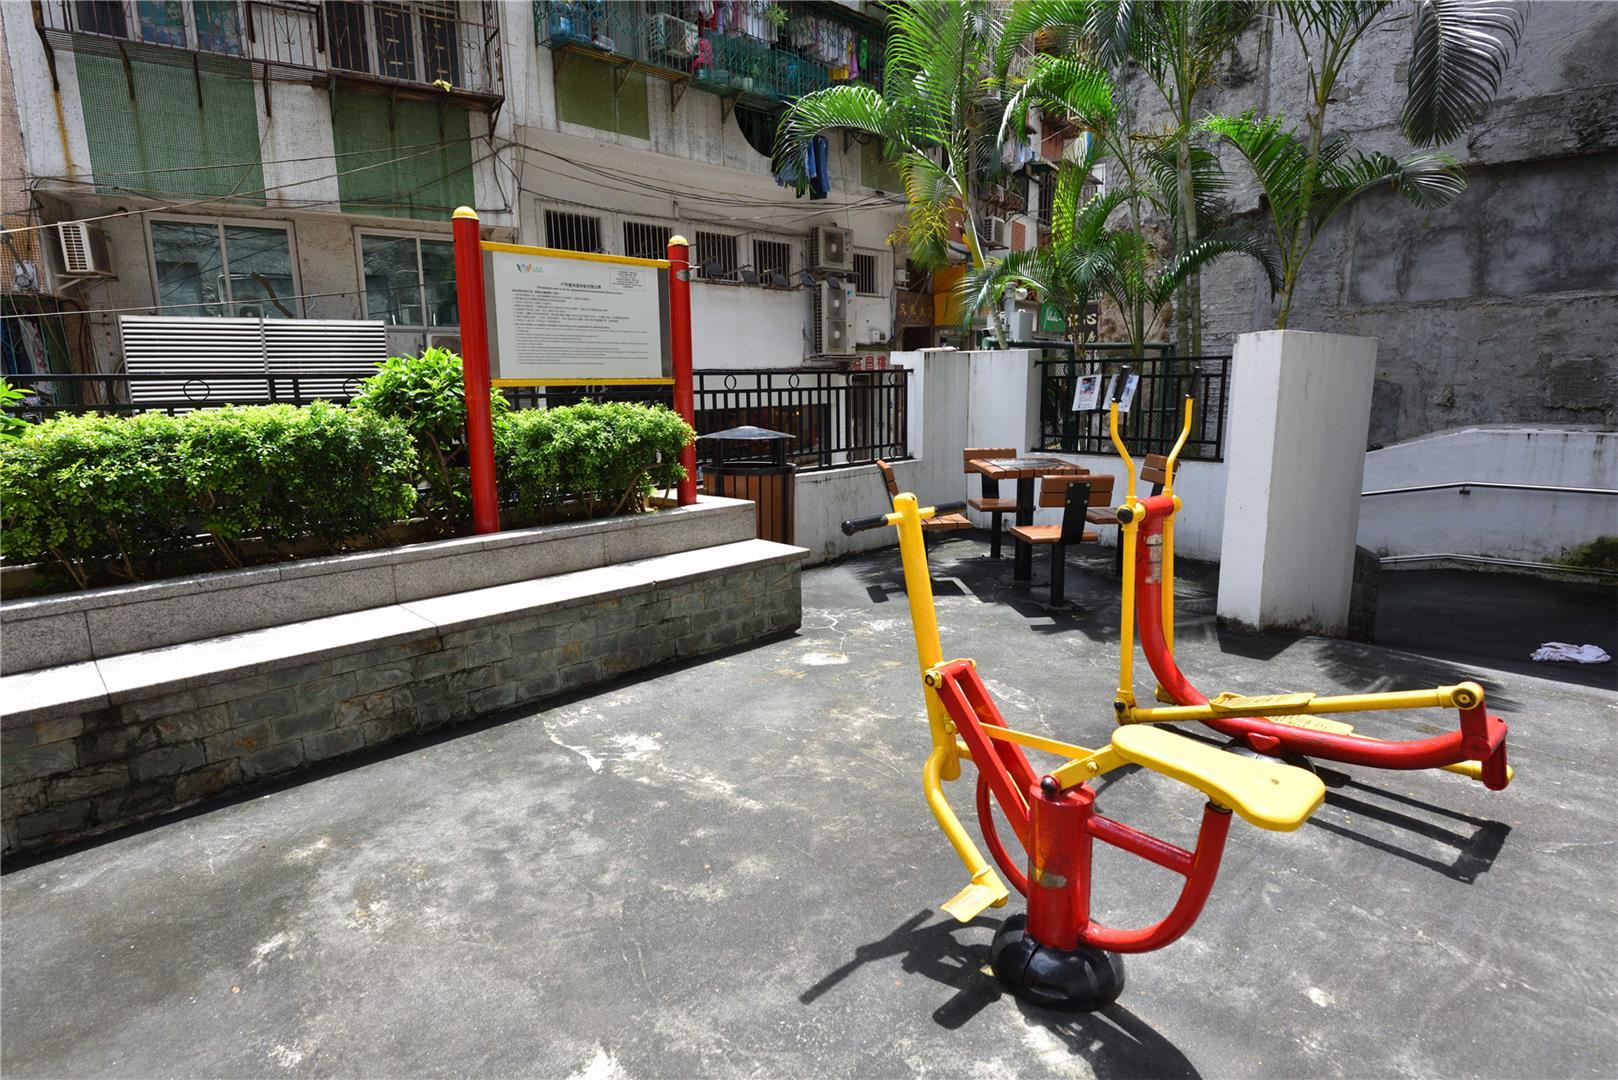 Leisure Area in Rua do Gamboa